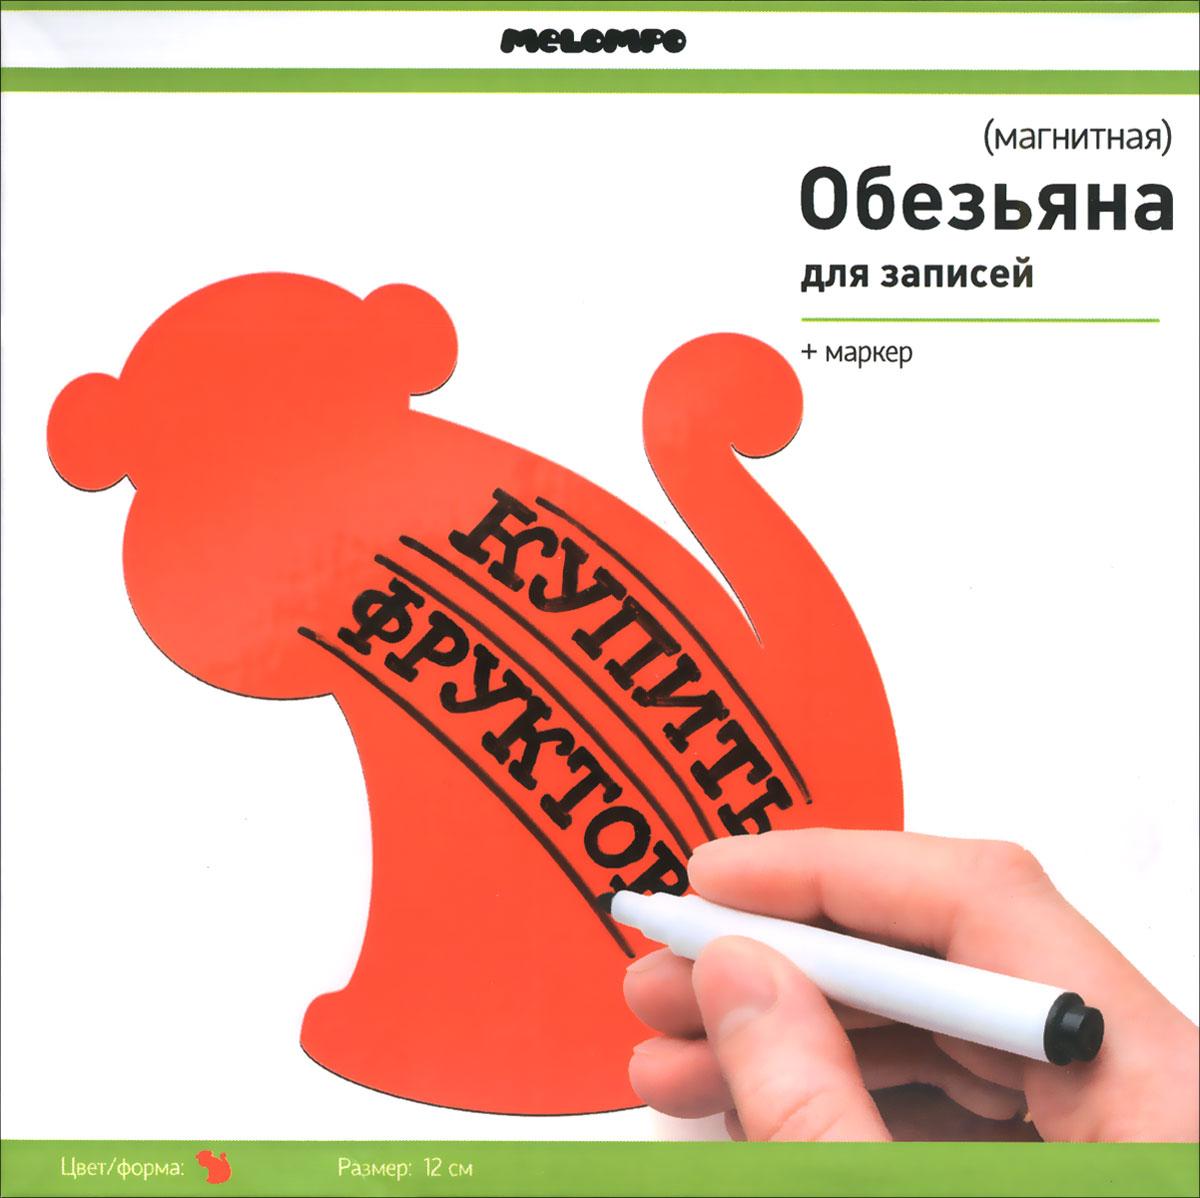 Памятка маркерная Melompo Обезьяна, 12 х 12 см305_обезьянаМагнитная доска на холодильник Melompo Обезьяна - оригинальная вещь для ежедневных посланий родным и близким. Доска выполнена в виде обезьяны. В комплект входят: памятка - легко примагничивается и просто снимается; маркер - прекрасно пишет и так же хорошо стирается; держатель - позволит примагнитить памятку к неметаллической поверхности.